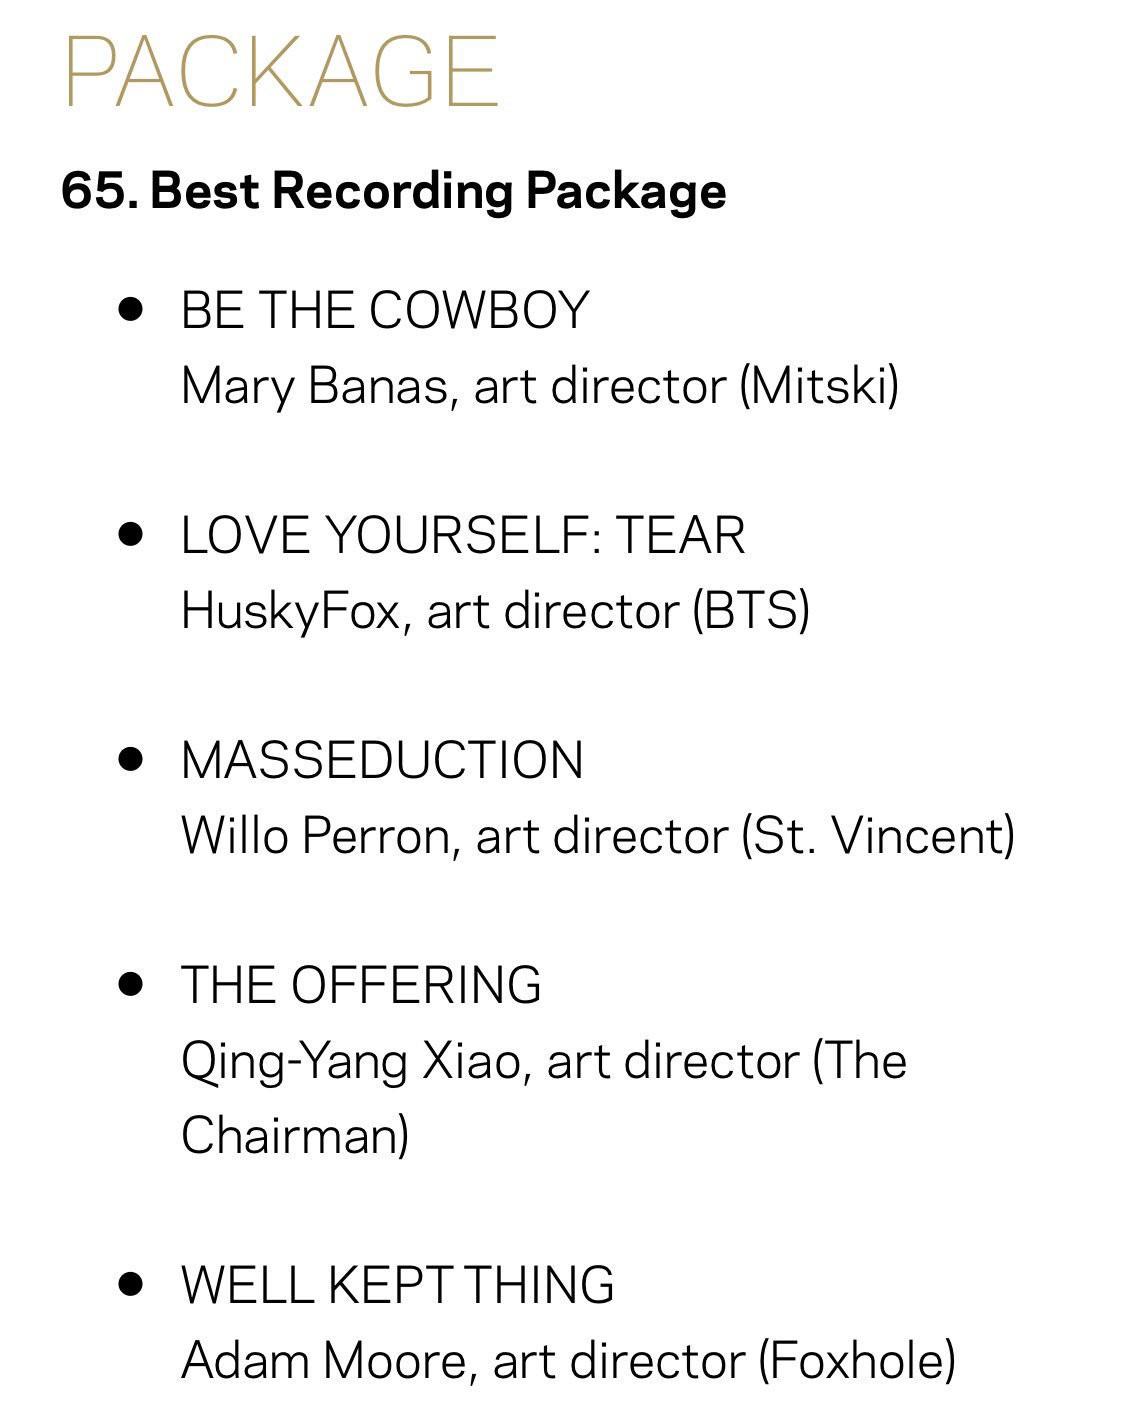 Cứ tưởng BTS được đề cử tại giải thưởng Grammy danh giá, nhưng sự thật là...? - Ảnh 2.